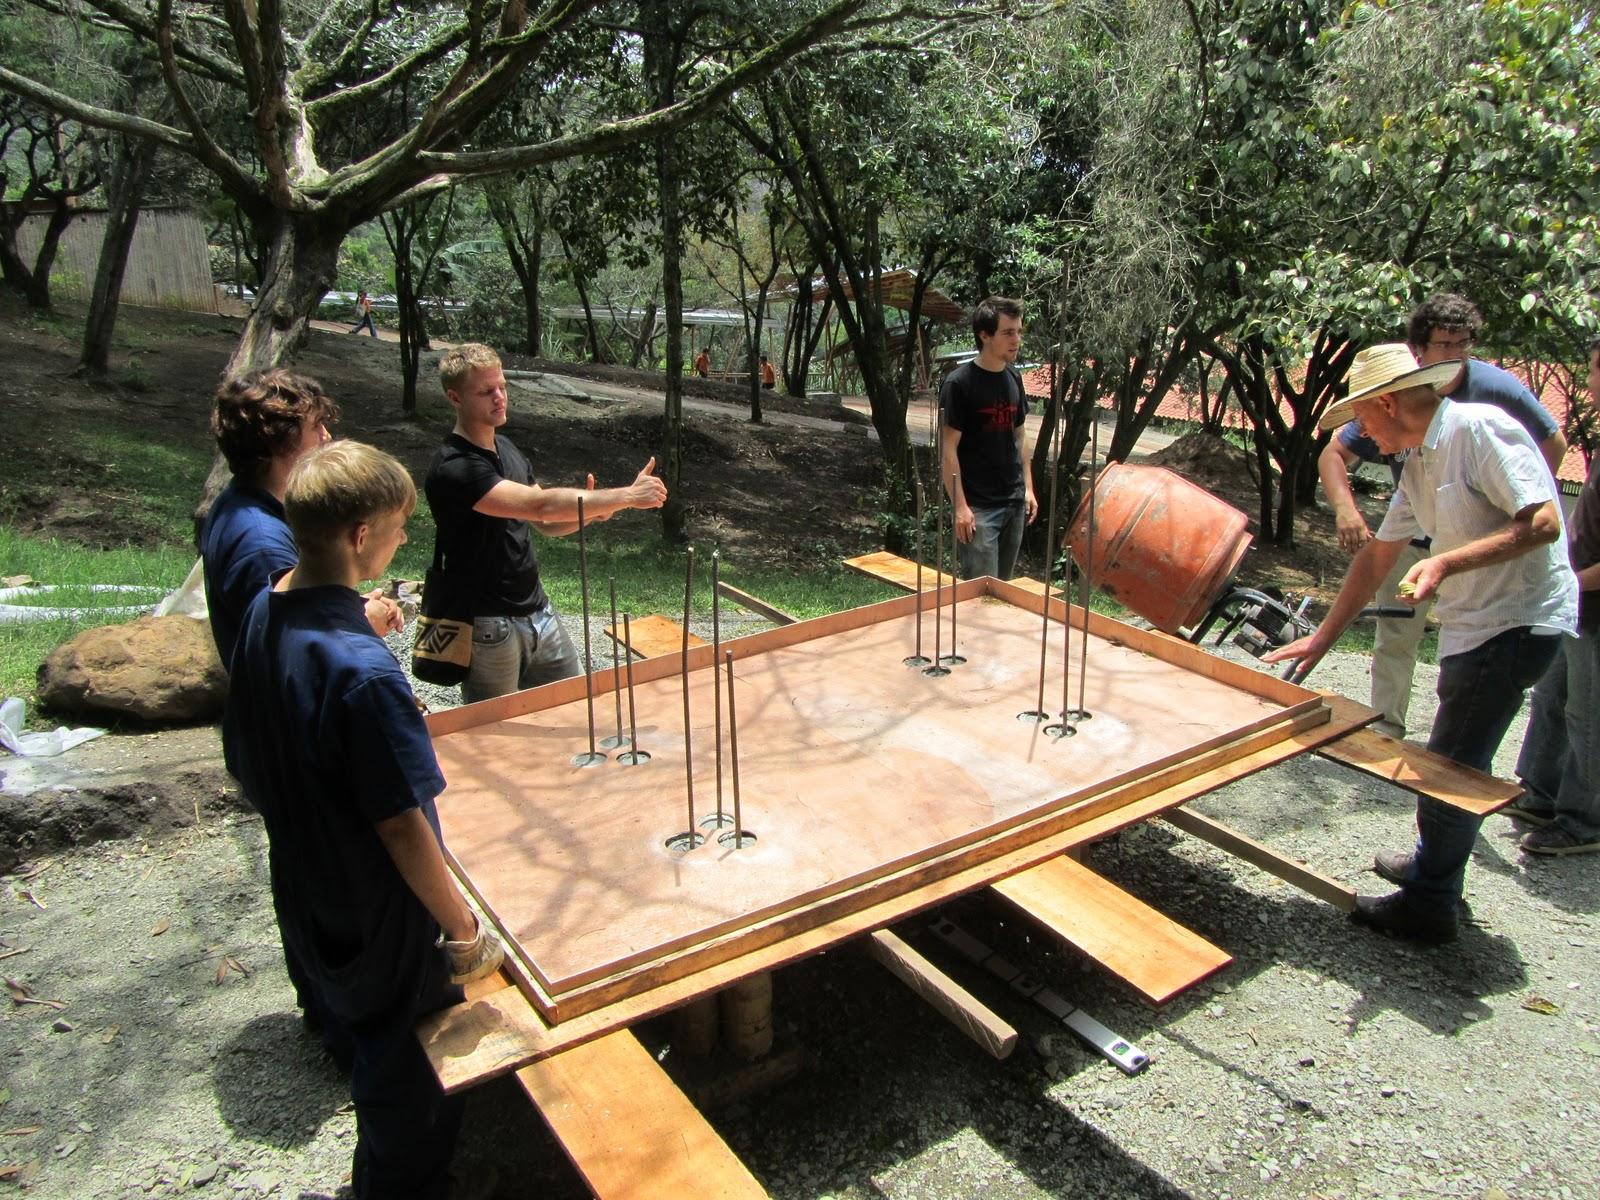 tischtennisplatte selber bauen: tischtennis fahrrad gunook